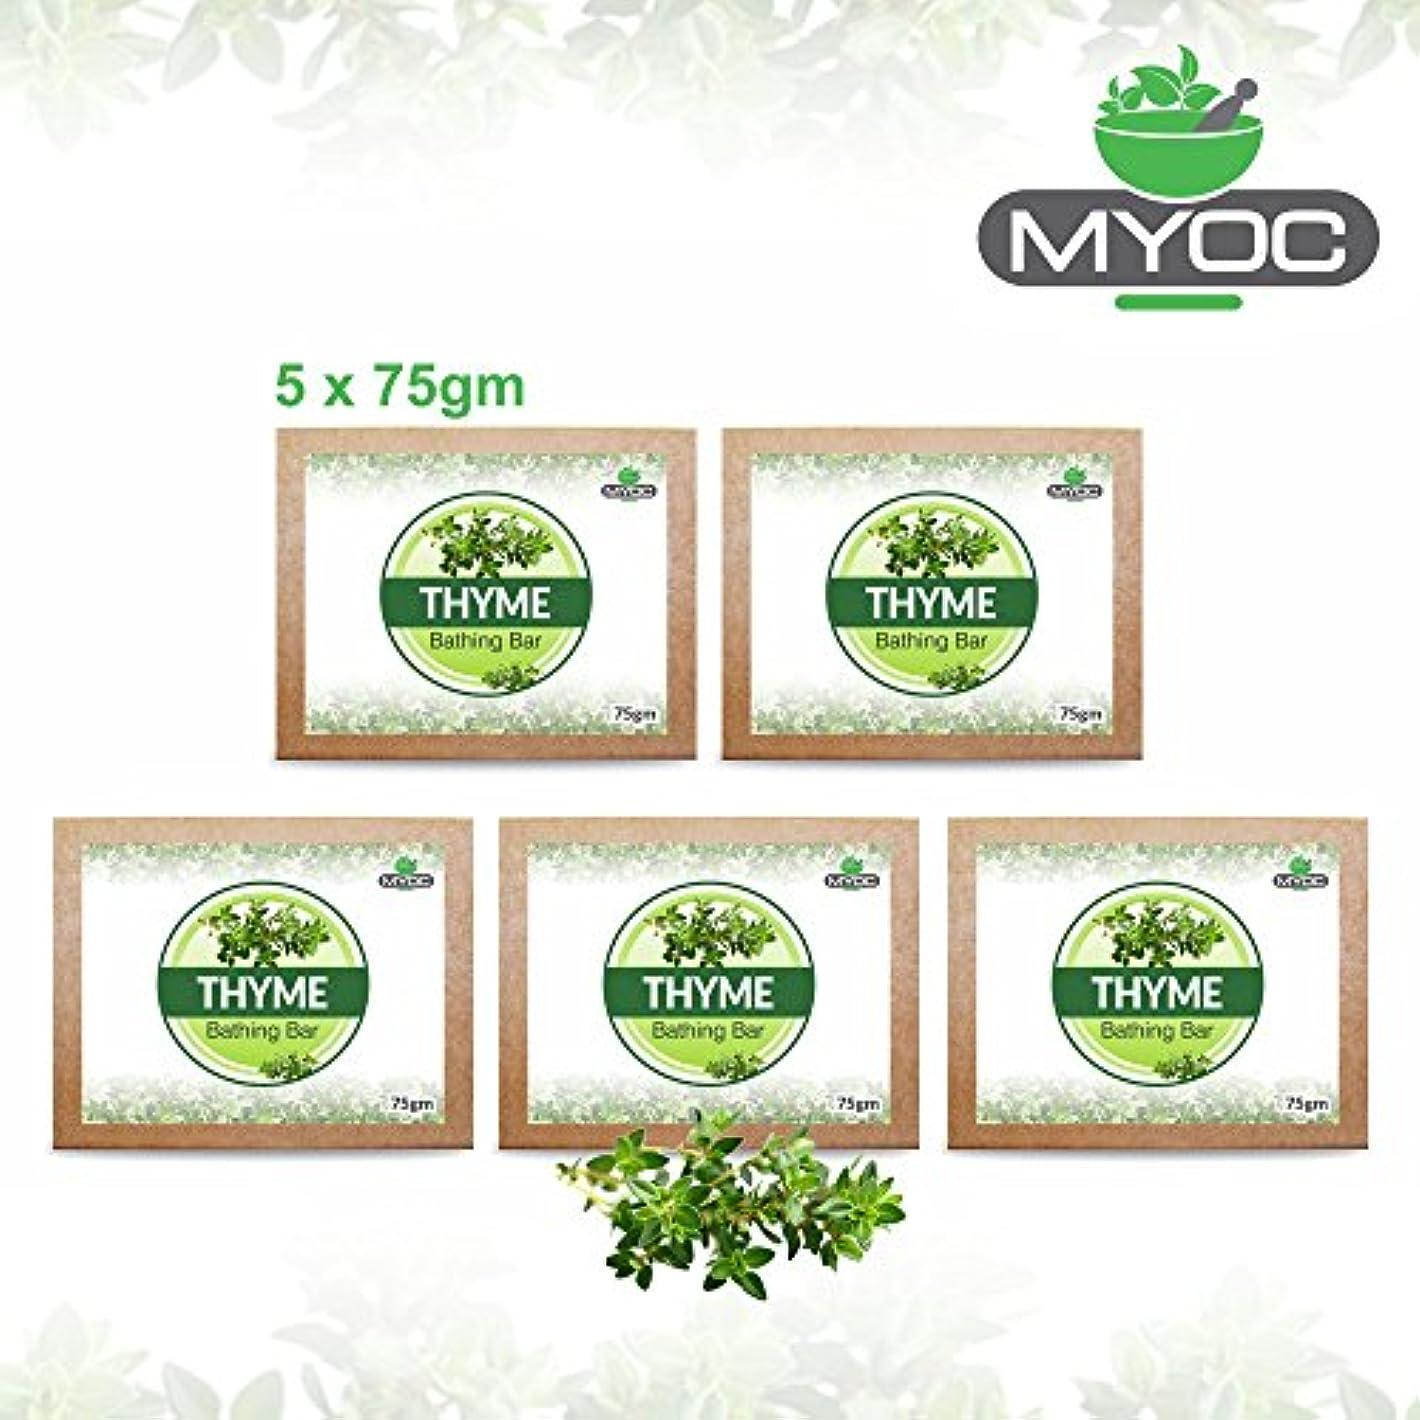 触手りきしむThyme Oil And Vitamin E Soap For bad odour, acne free and athletes foot 75g x 5 Pack